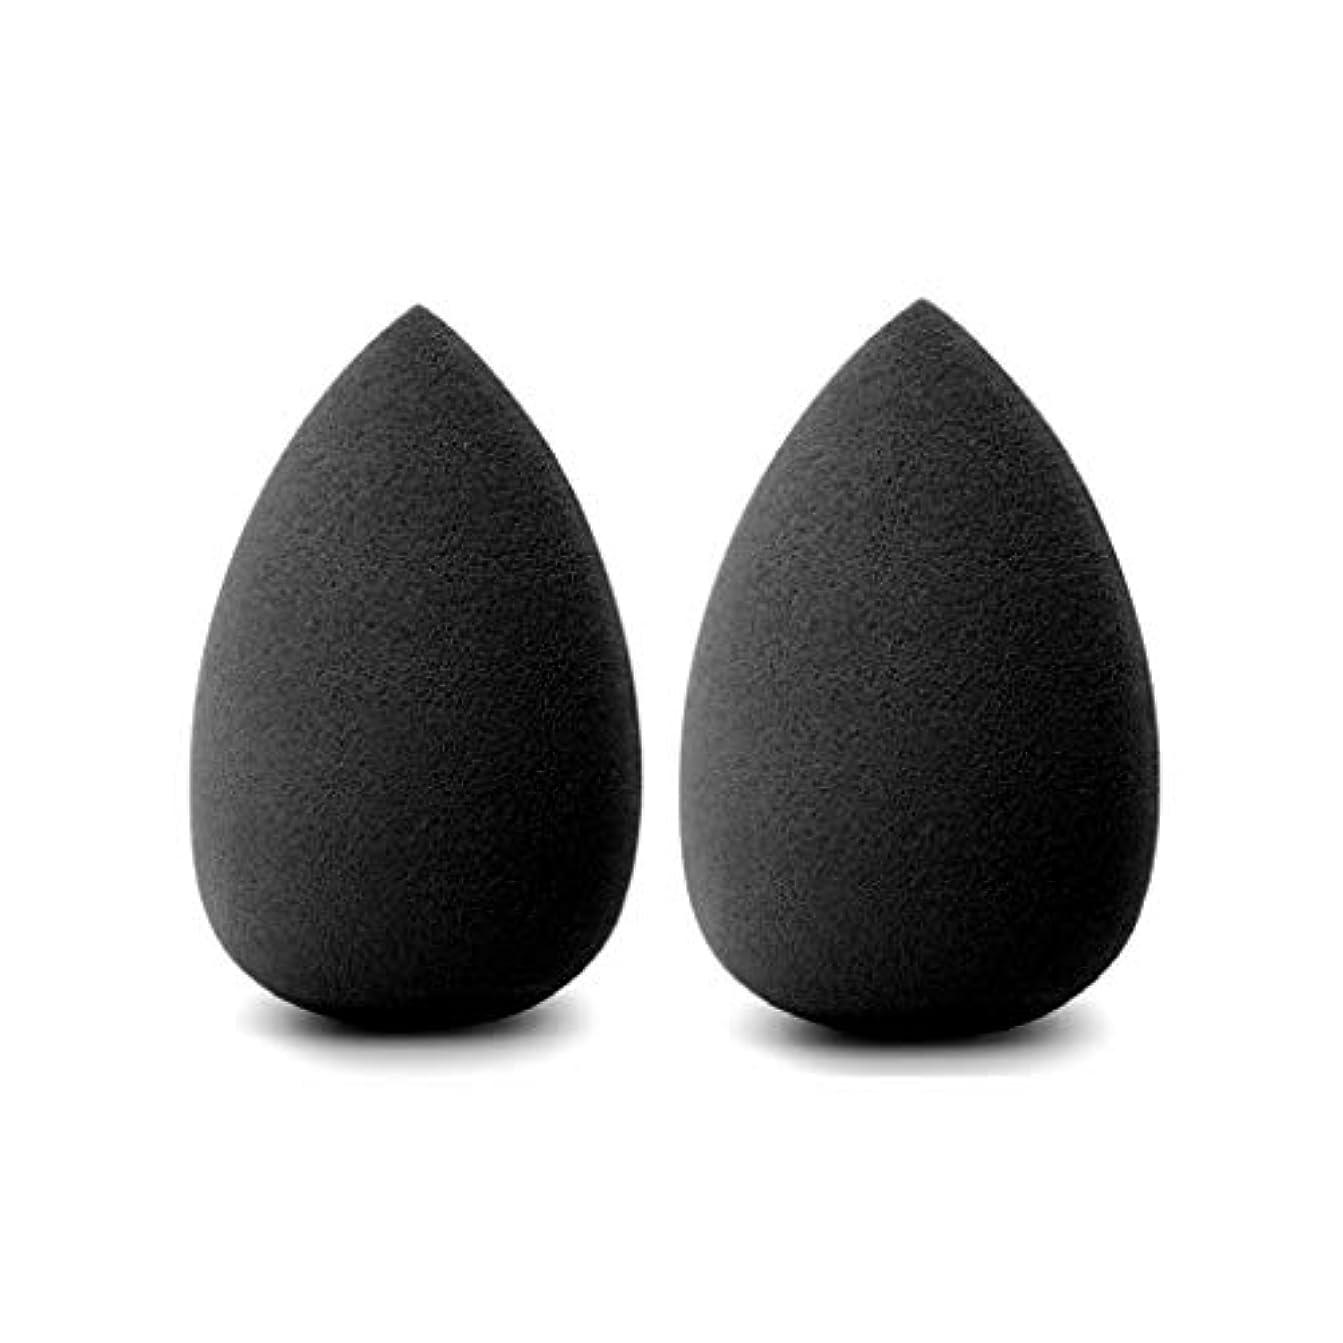 母熟達したプライムBeautypapa 2個入黒化粧スポンジ メイク用スポンジパフ メイクスポンジ テックスフリー 乾湿兼用